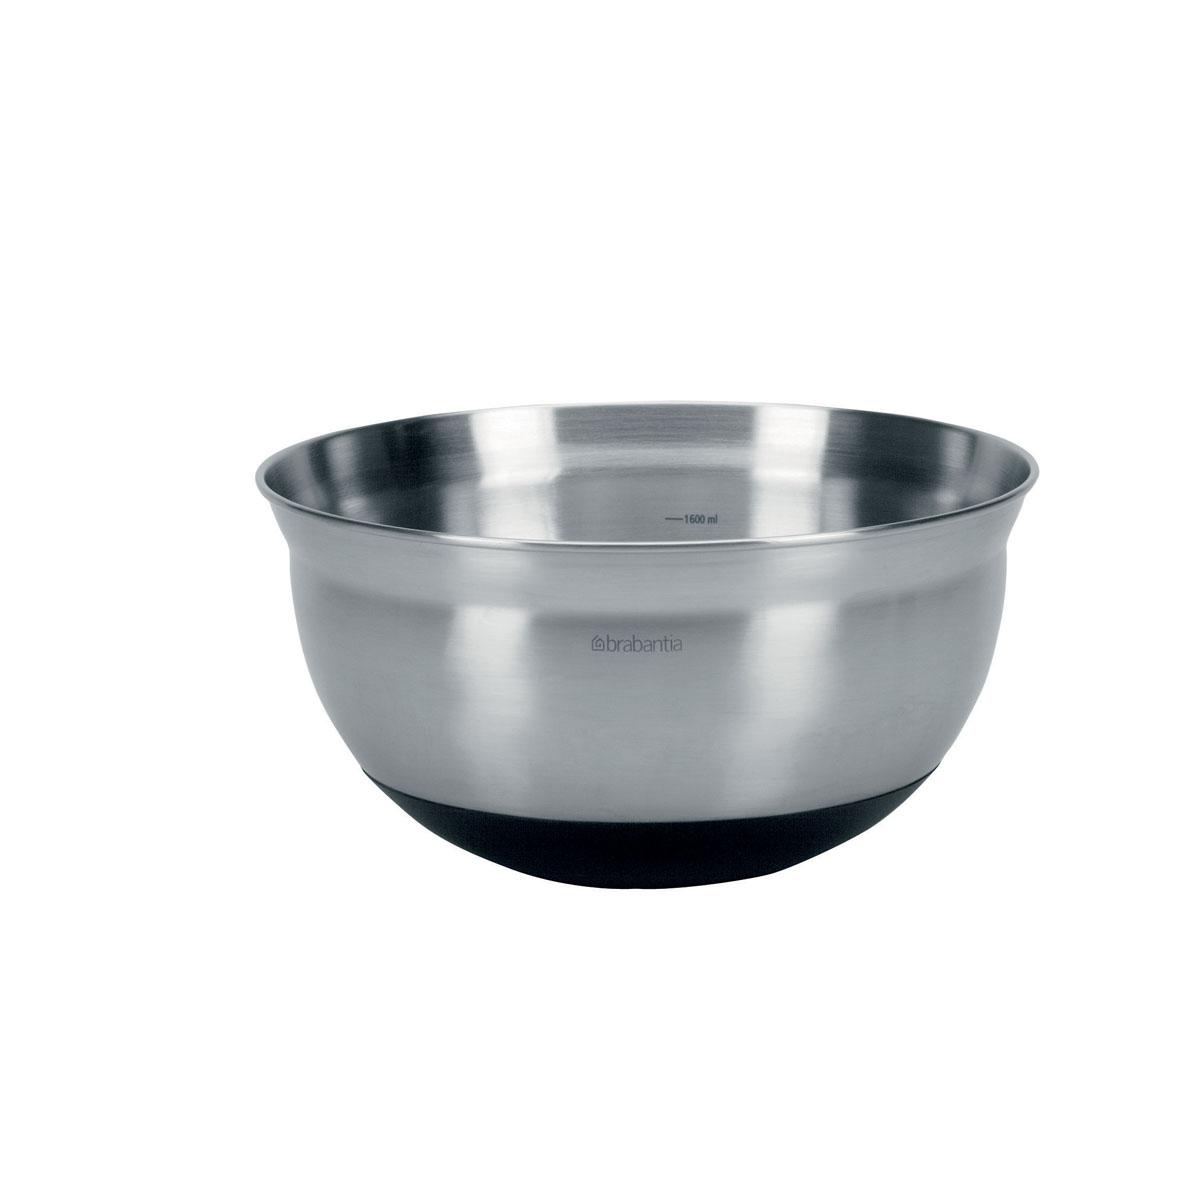 Салатник Brabantia, 1,6 л9/646Салатник Brabantia изготовлен из высококачественной нержавеющей стали с матовой полировкой. Мягко изогнутые края специально разработаны для комфортного смешивания, а измерительная шкала на внутренней поверхности чаши позволит точно смешивать ингредиенты. Силиконовое основание придает миске устойчивости и предотвращает повреждение поверхности стола. Такой салатник станет достойным дополнением к кухонному инвентарю. Характеристики:Материал: нержавеющая сталь, силикон. Объем салатника: 1,6 л. Диаметр салатника по верхнему краю: 21,5 см. Высота салатника: 11 см.Гарантия производителя: 5 лет.